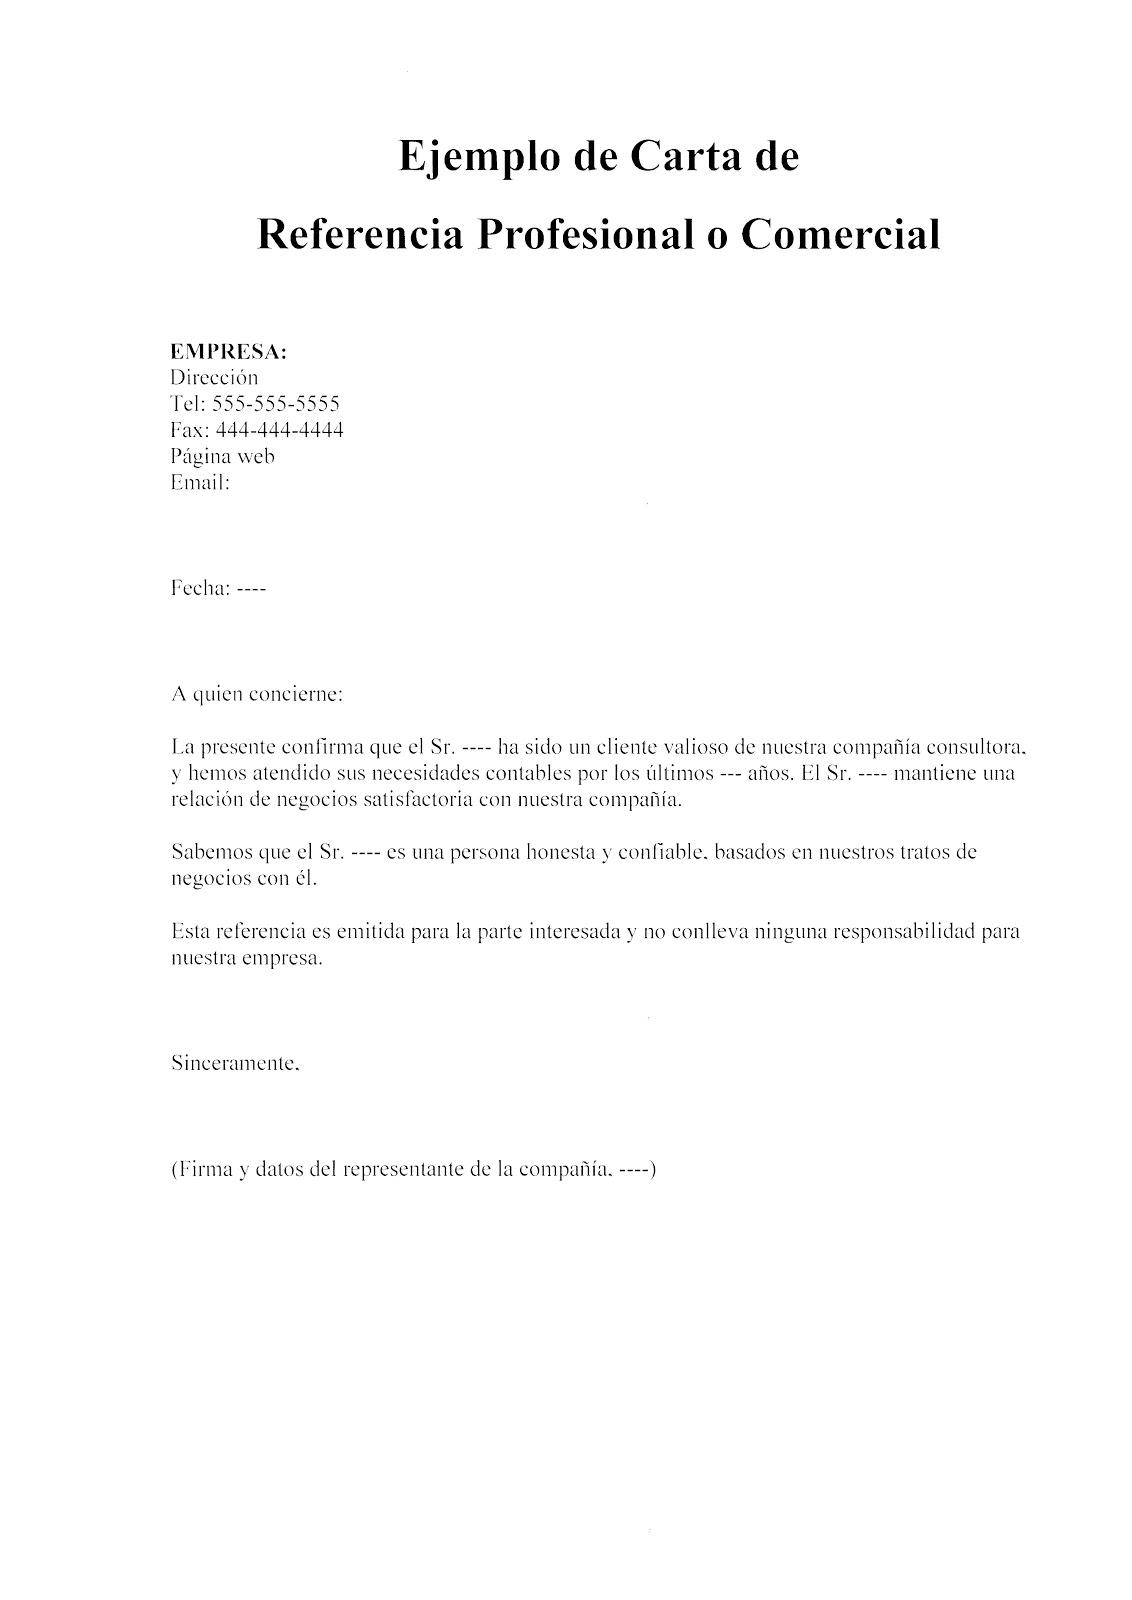 carta de negocios ejemplo - Selo.l-ink.co